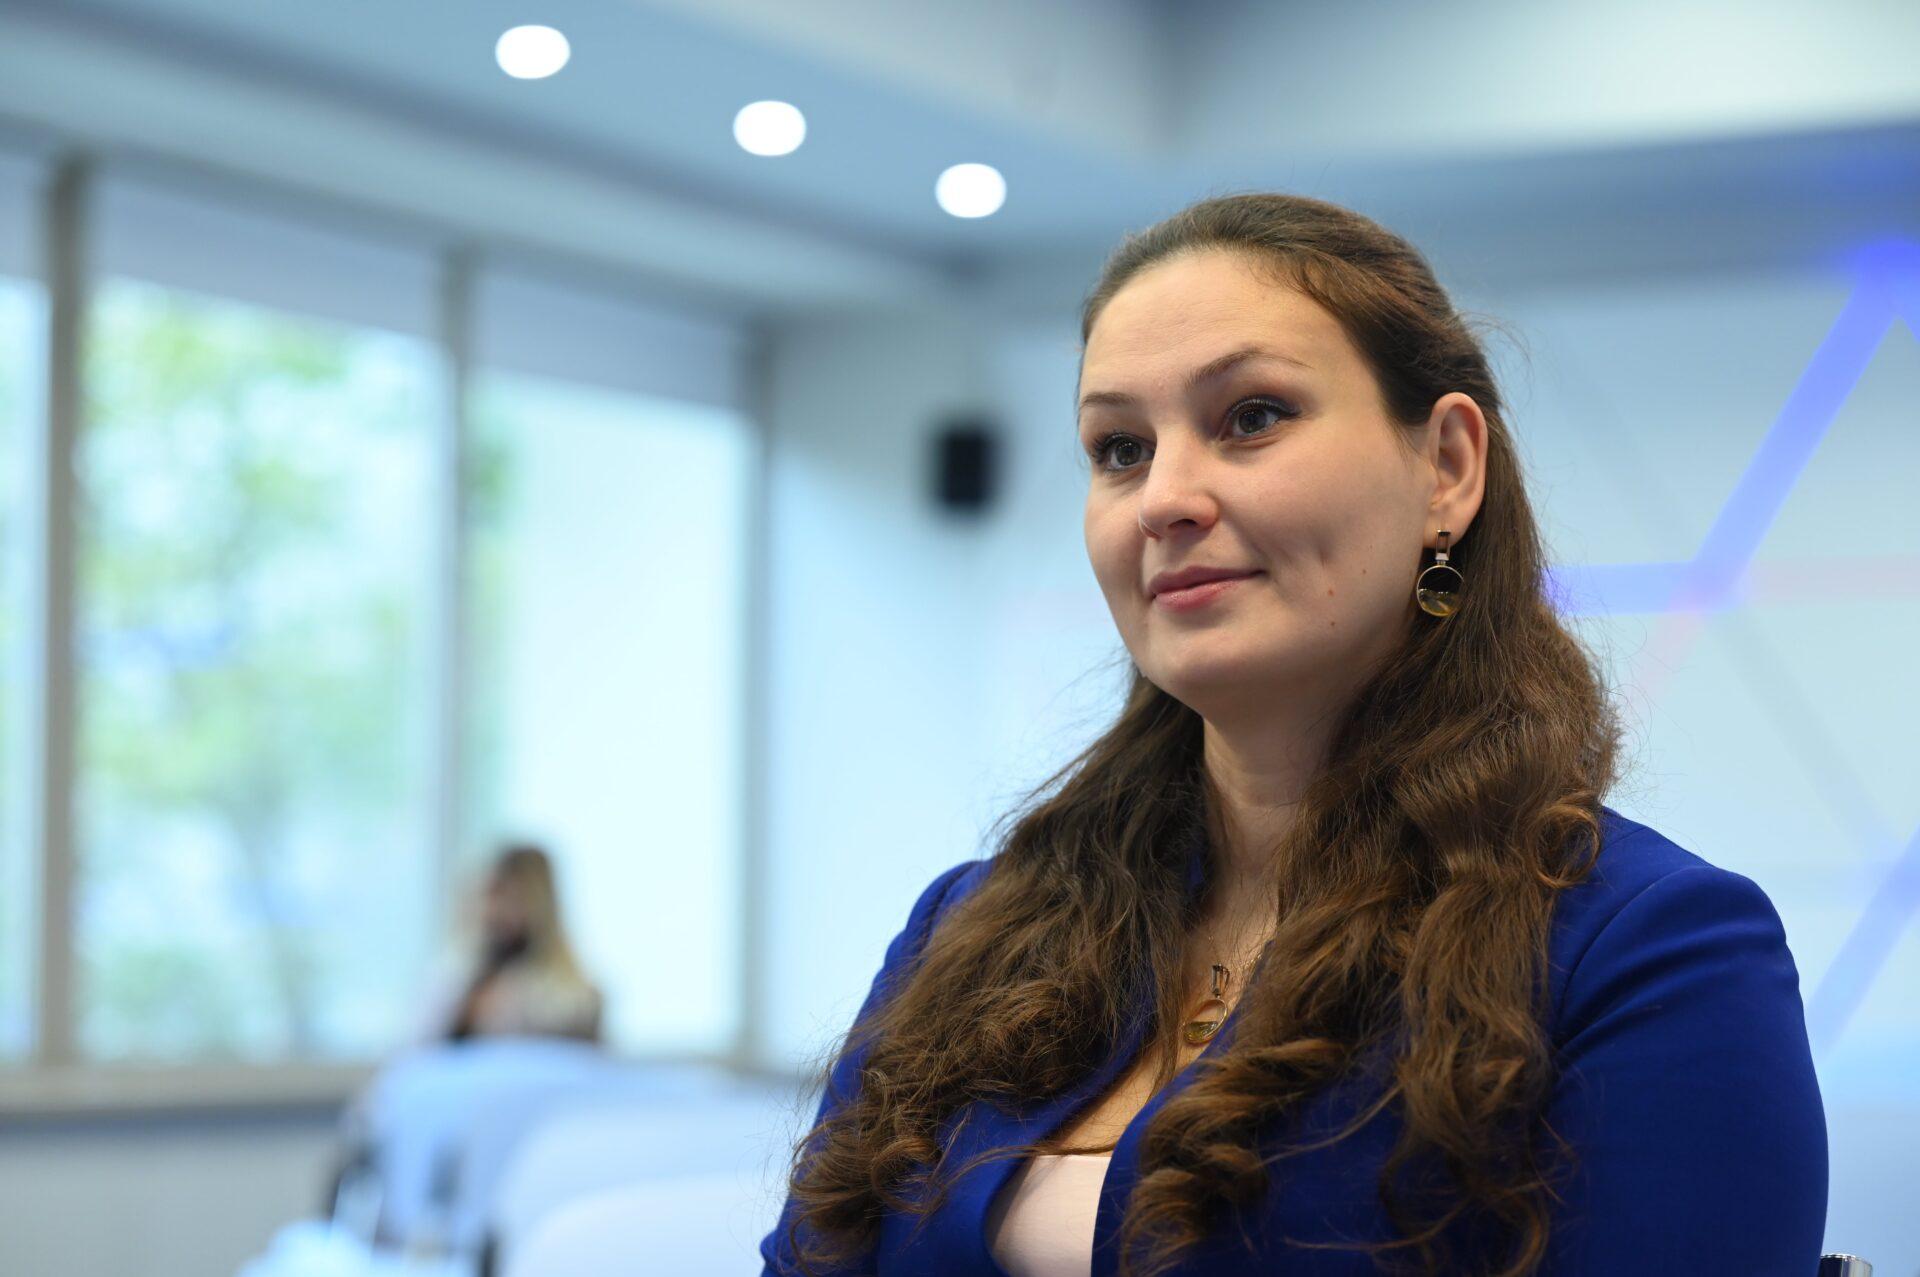 Обучение учителей личной эффективности: Наталия Махно рассказала о направлении «Эмоциональный интеллект»